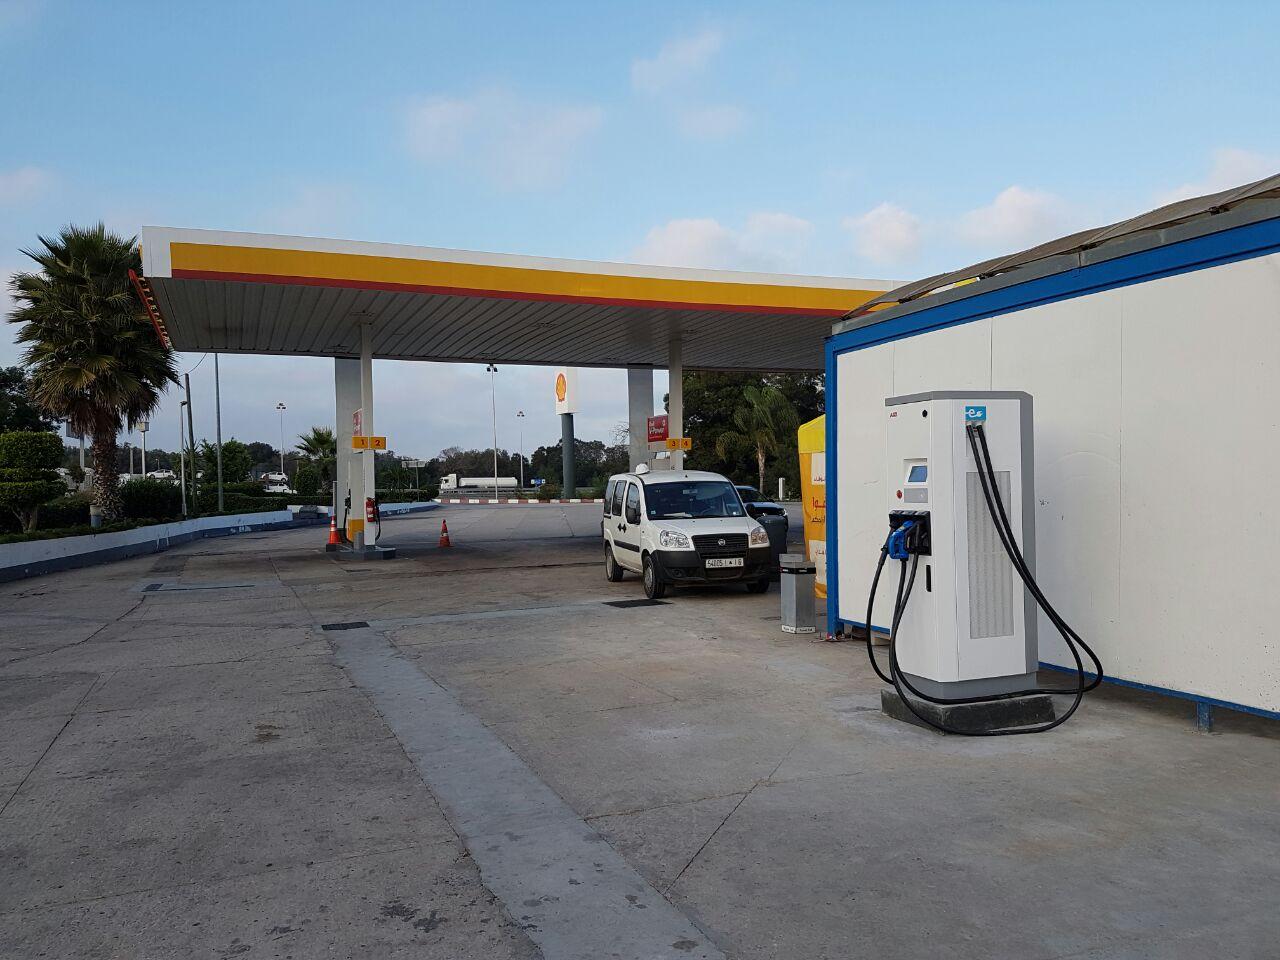 Borne de recharge pour véhicules électrique ABB Maroc